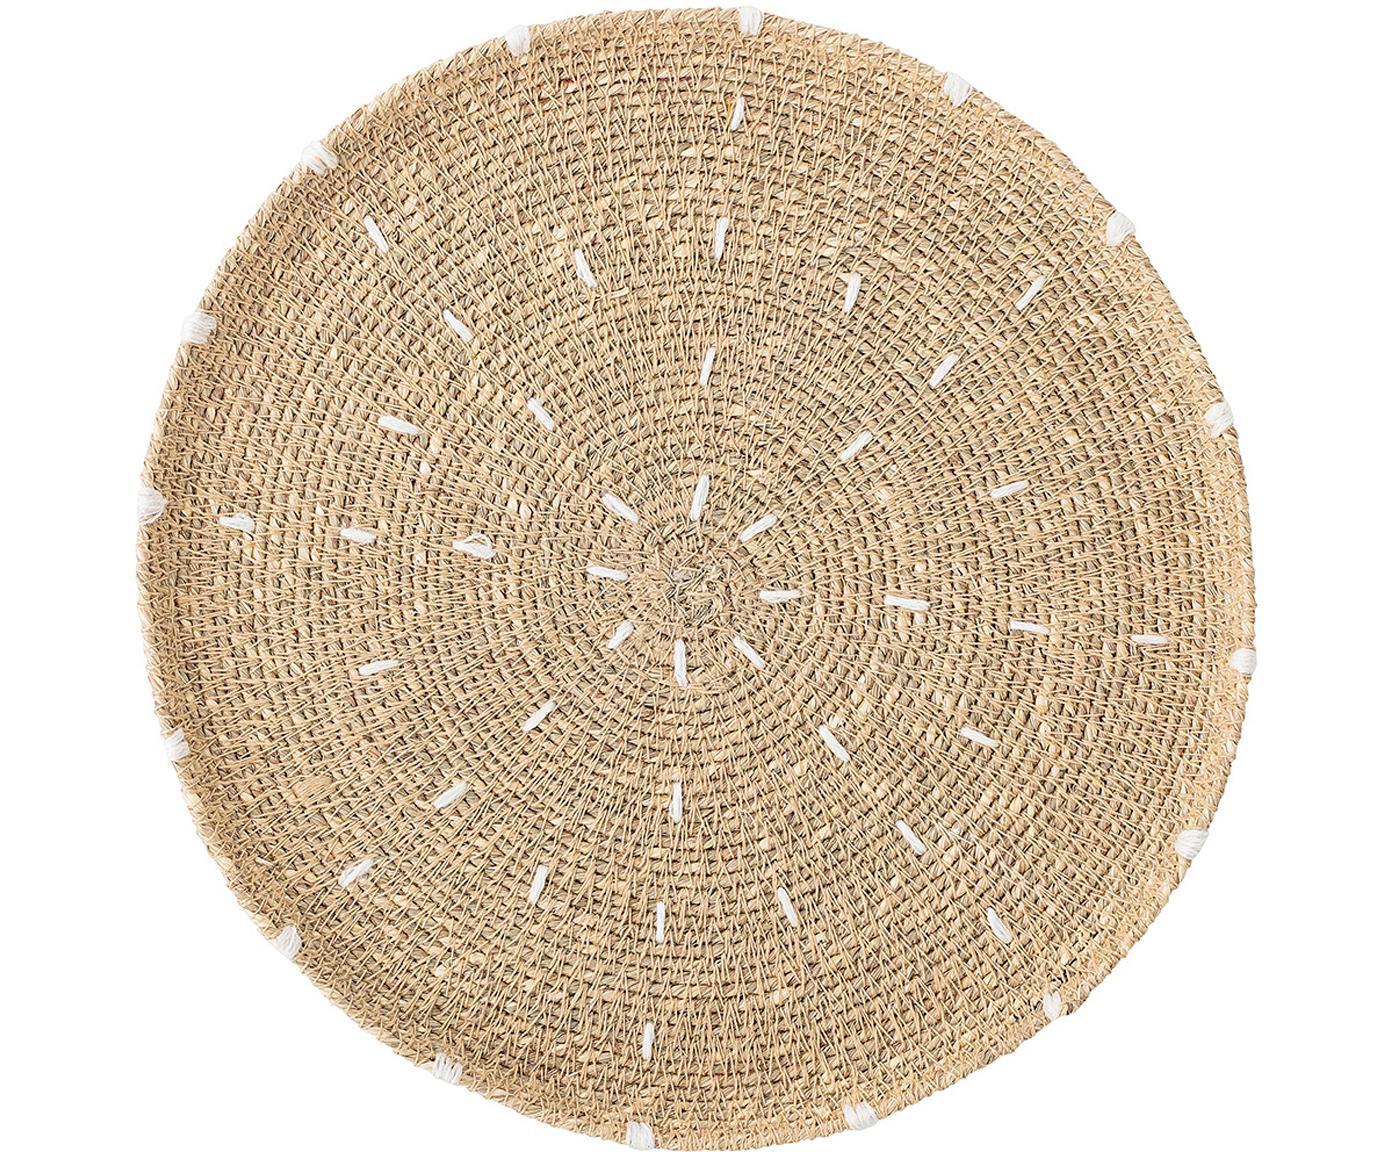 Runde Seegras-Tischsets Deco, 2er Set, Seegras, Beige, Weiß, Schwarz, Sondergrößen